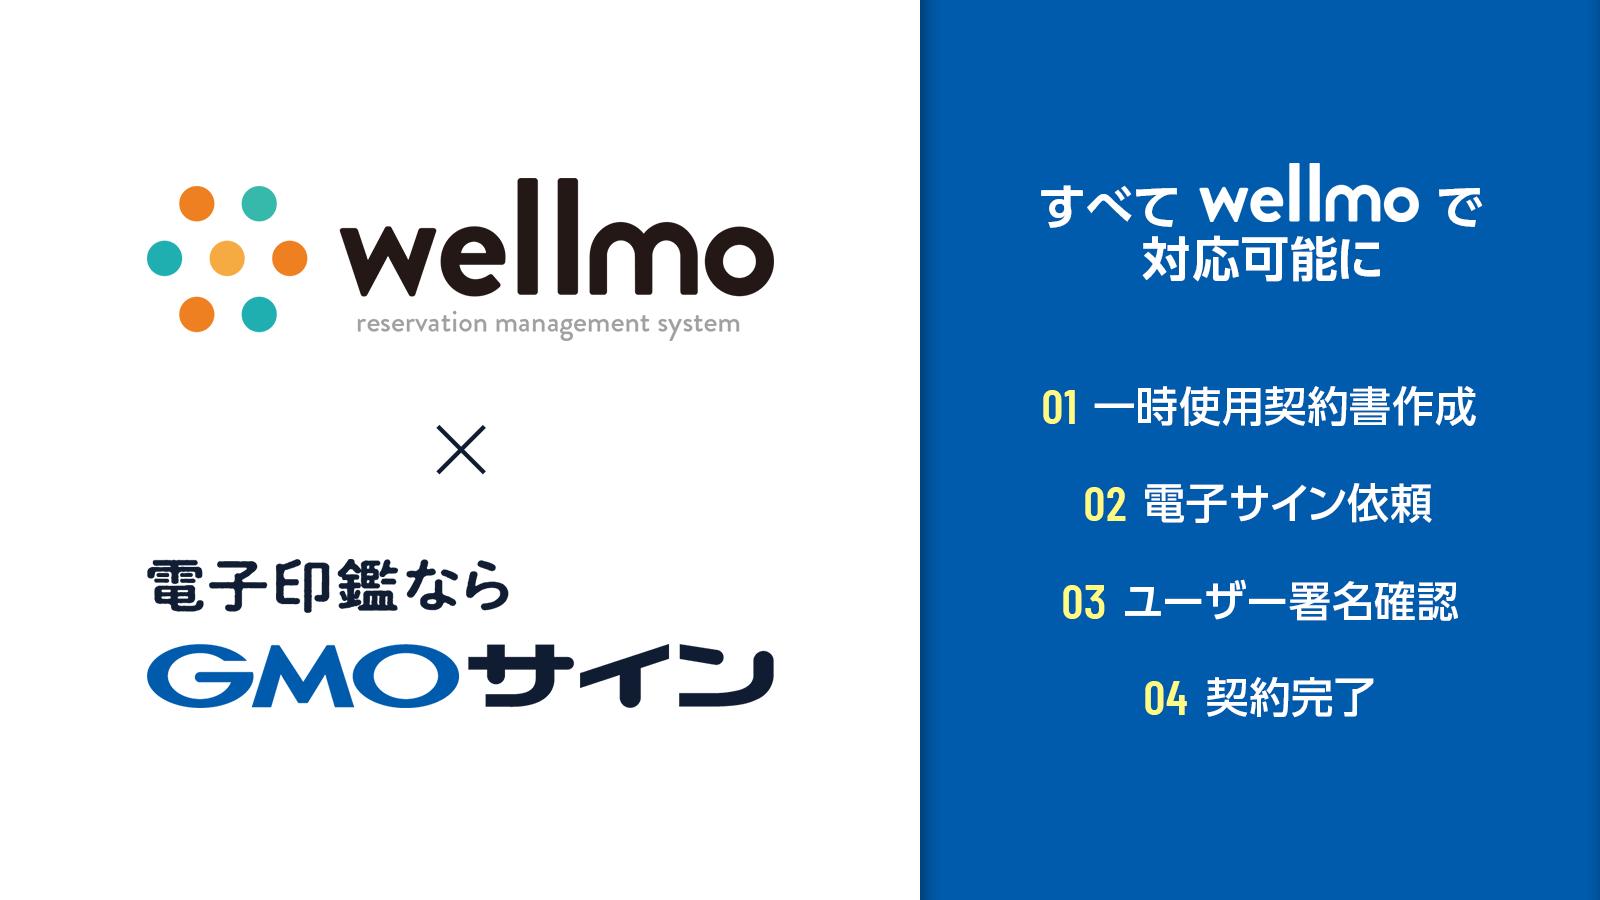 【PR】wellmo『電子サイン』機能リリース!電子契約サービス「電子印鑑GMOサイン」と連携